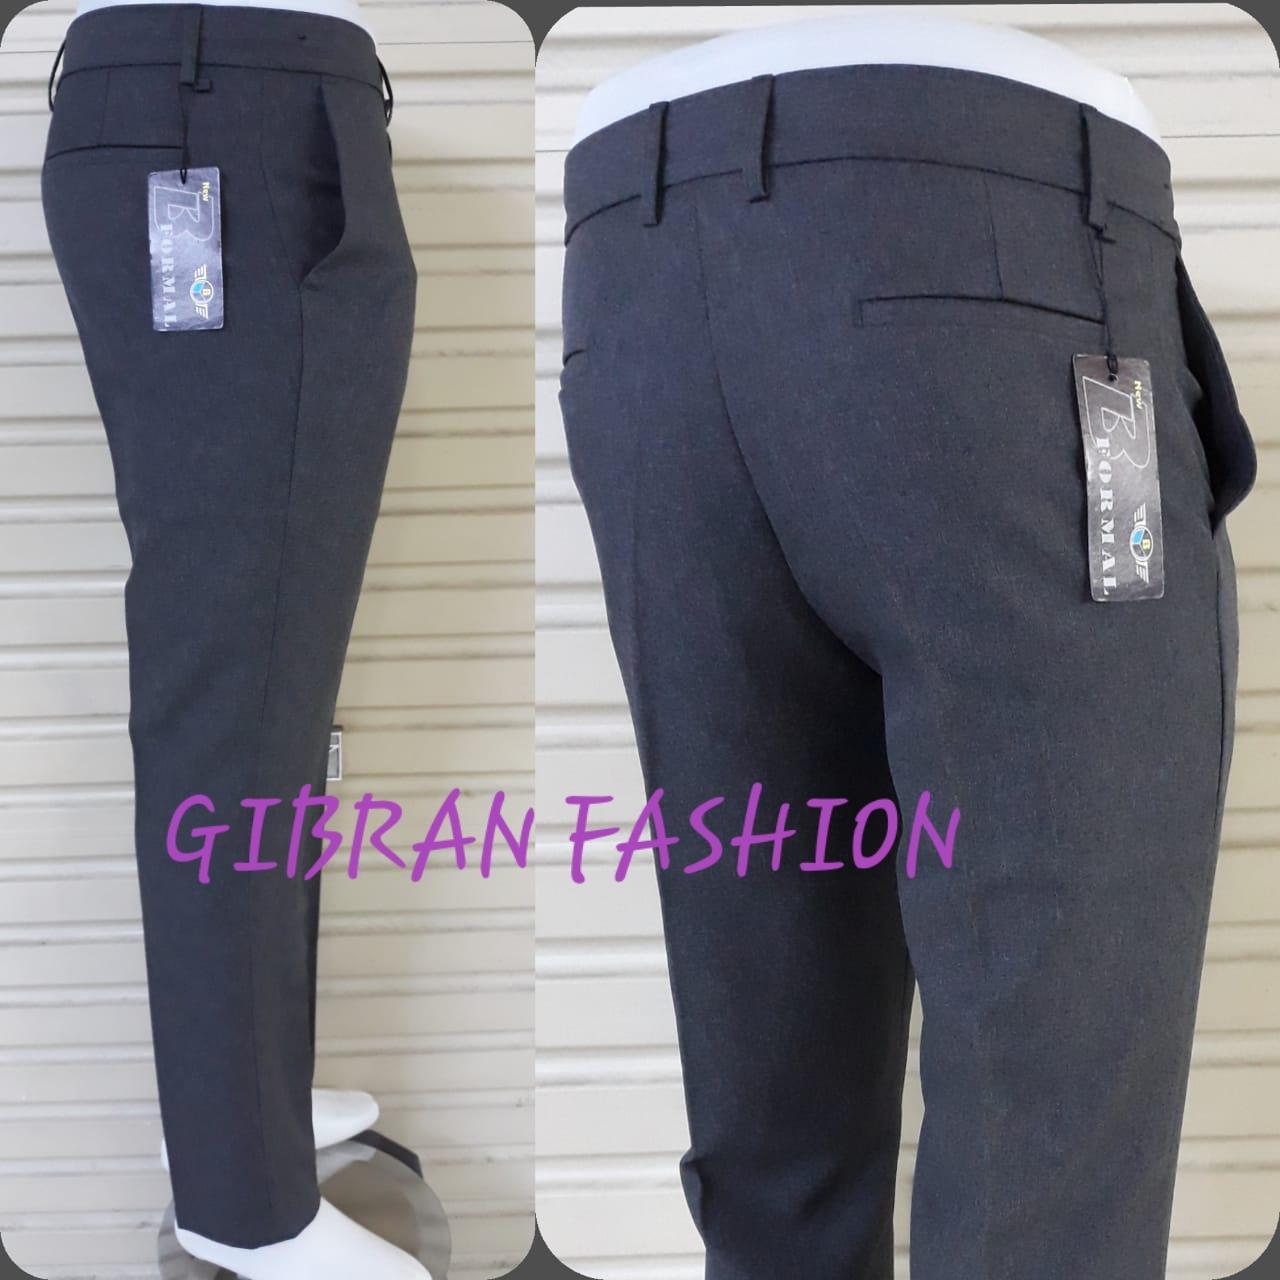 celana panjang pria terbaru formal/kantor model slim fit bahan gabardin bagus murah